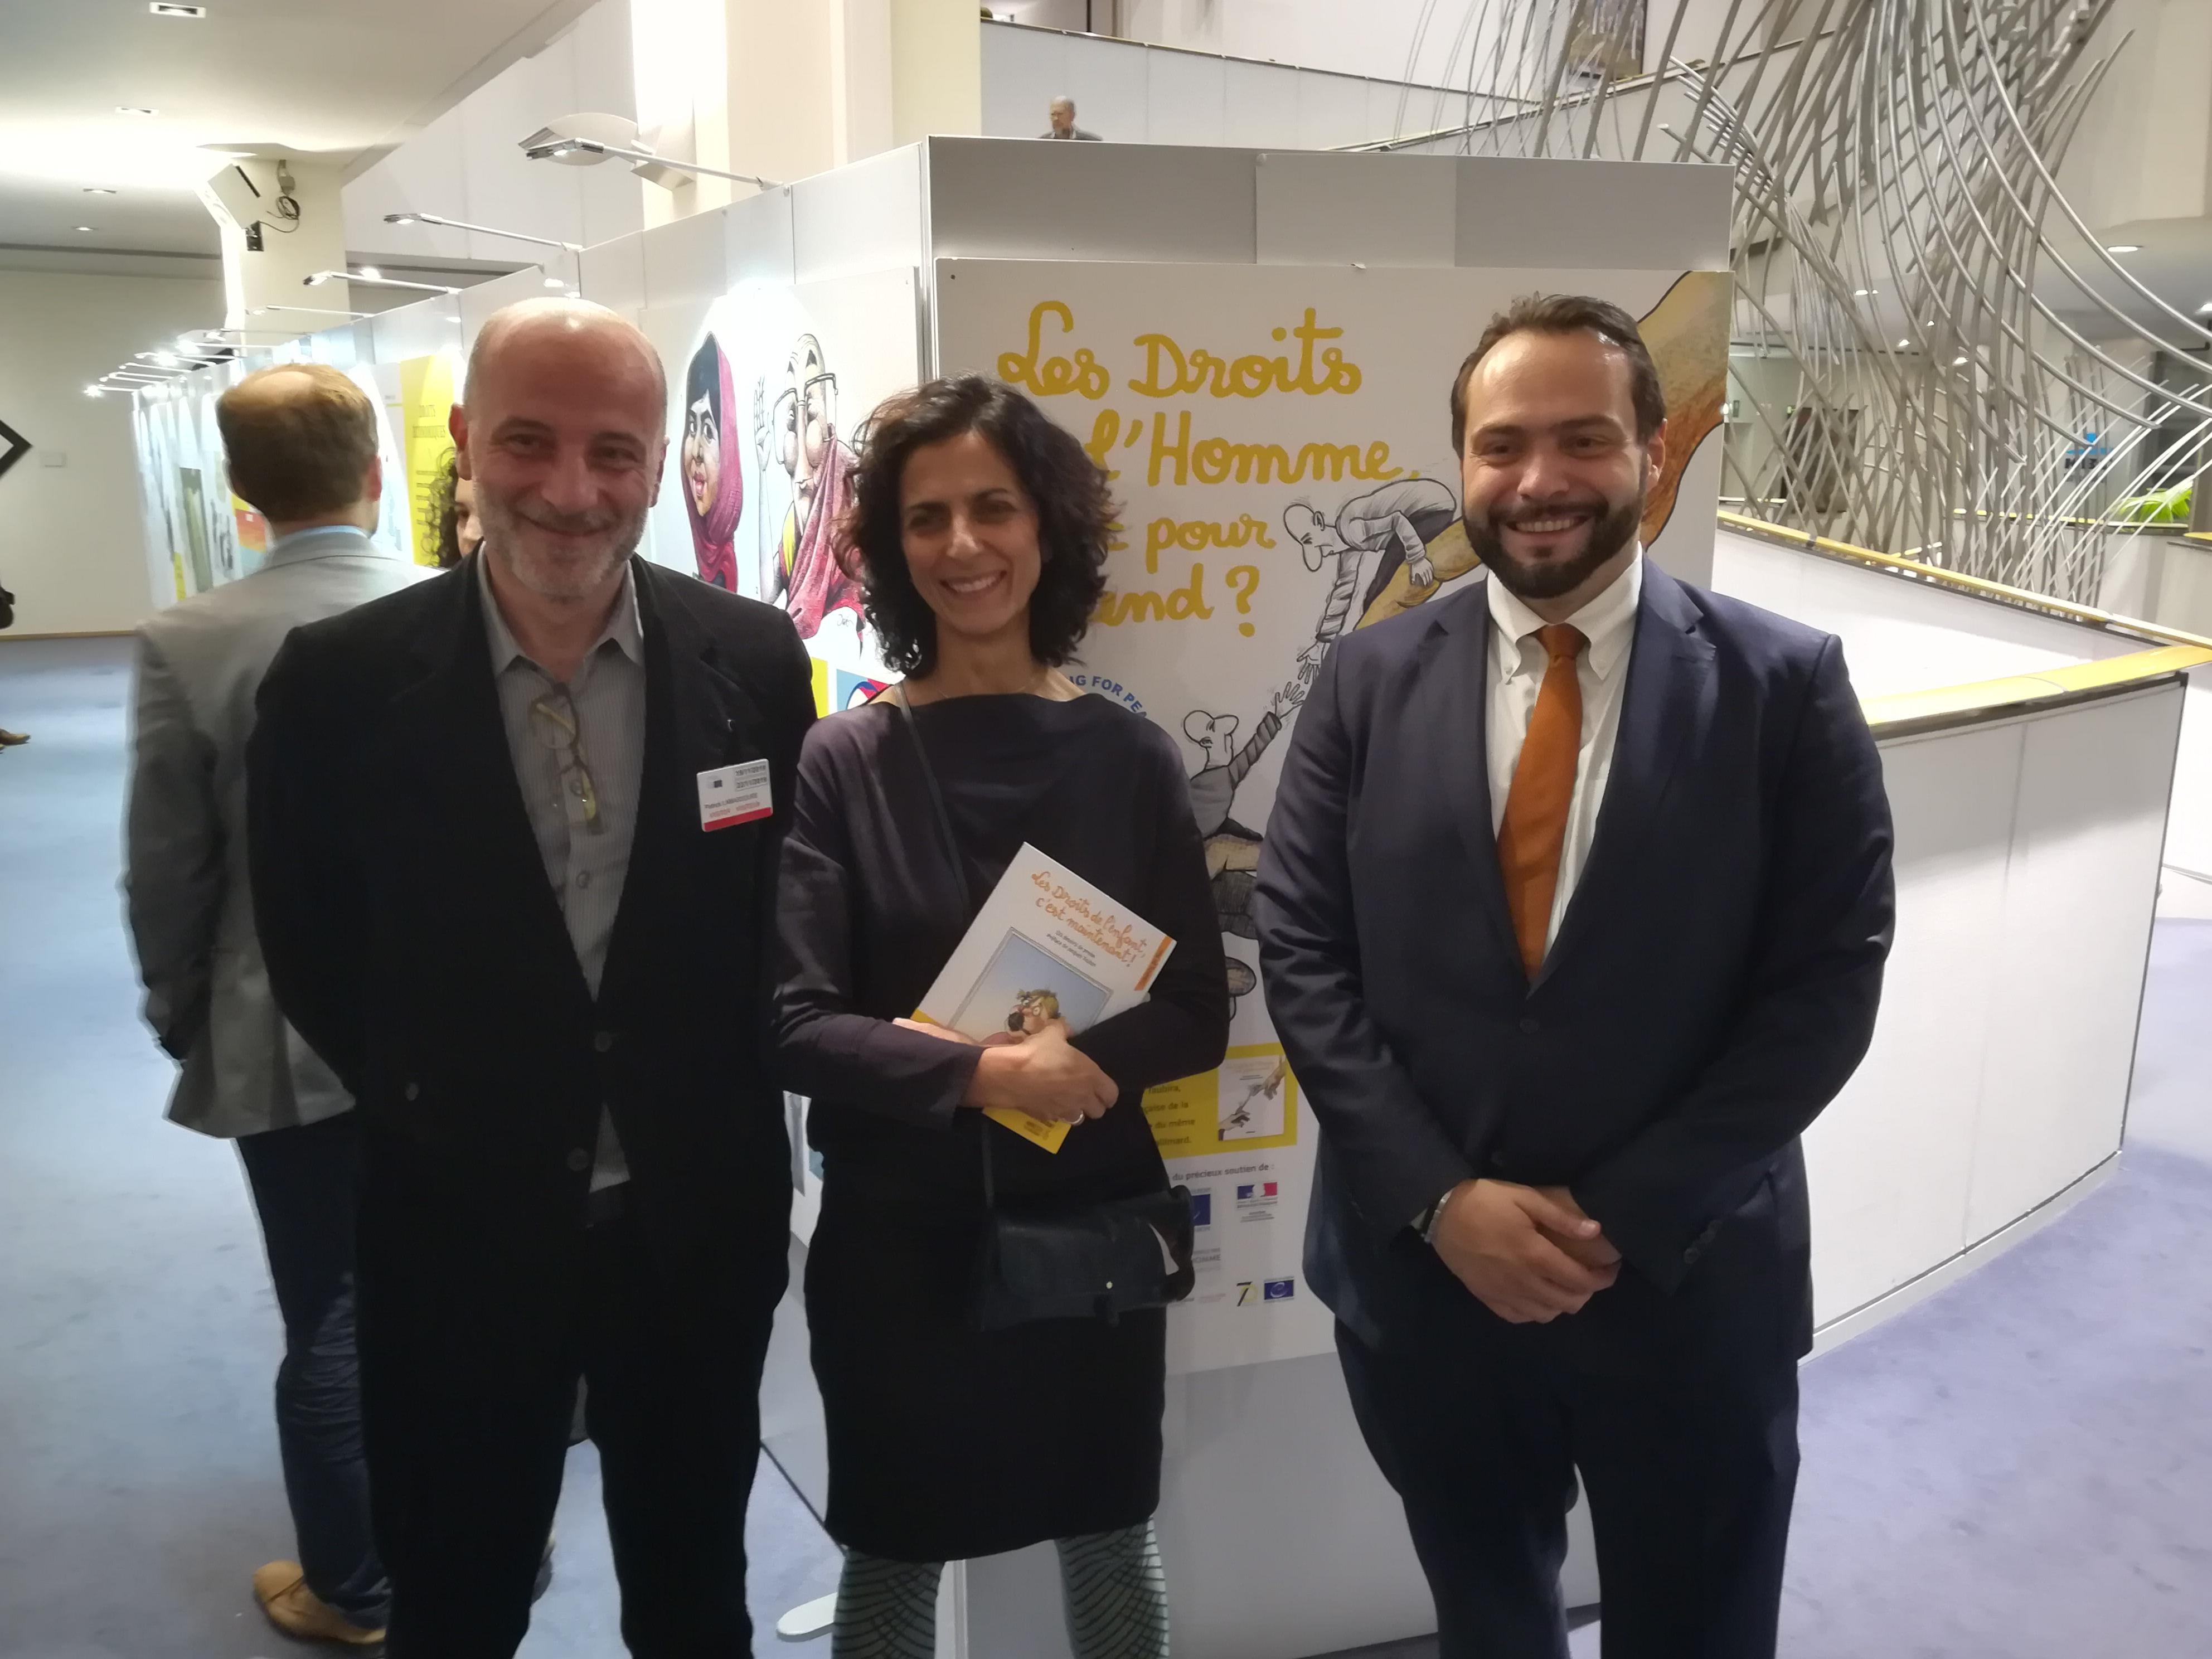 Inauguration de l'exposition avec Kak, président de Cartooning for Peace, Maria Arena, députée européenne, et Fabio Castaldo, vice-président du parlement européen